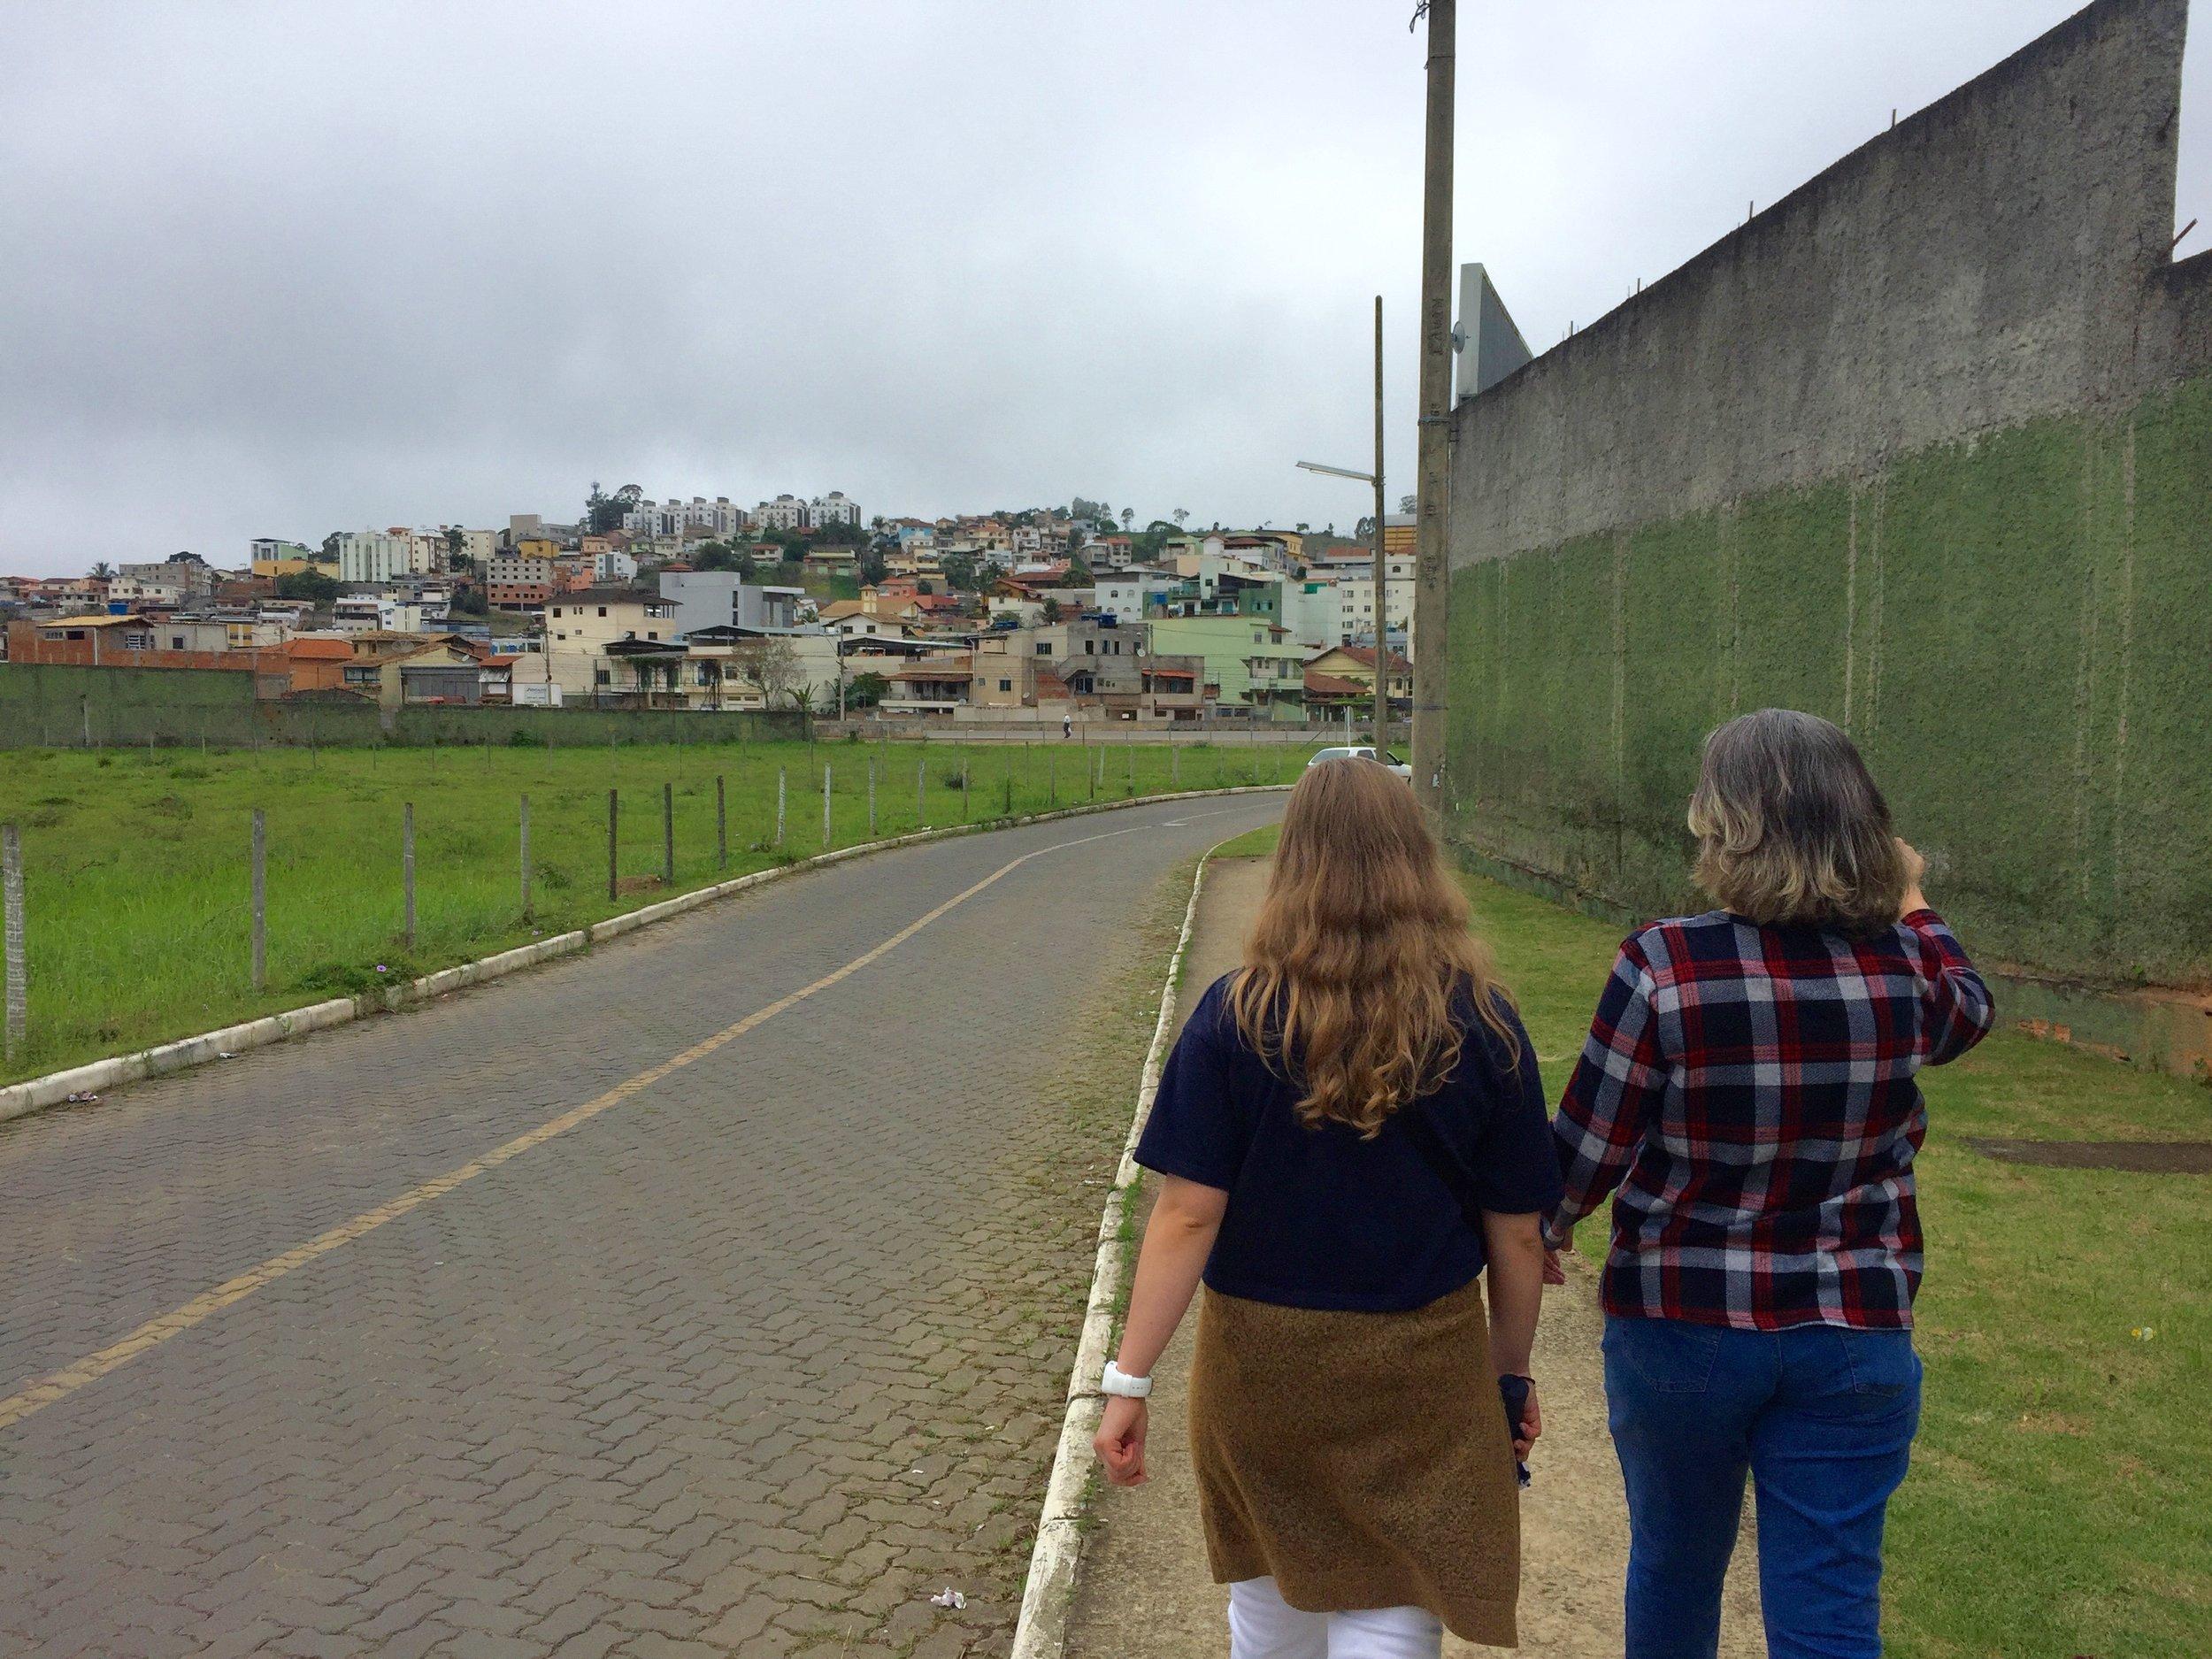 Sofie og vertsmor Vera på en liten spasertur i nabolaget. Vi kunne ikke vært heldigere med vertsmoren vår (til tross for at hun bare snakker portugisisk), hun er helt fantastisk! Hun er også mor til tidligere Hald-student Edson, som gikk på Hald for ca. 10 år siden.